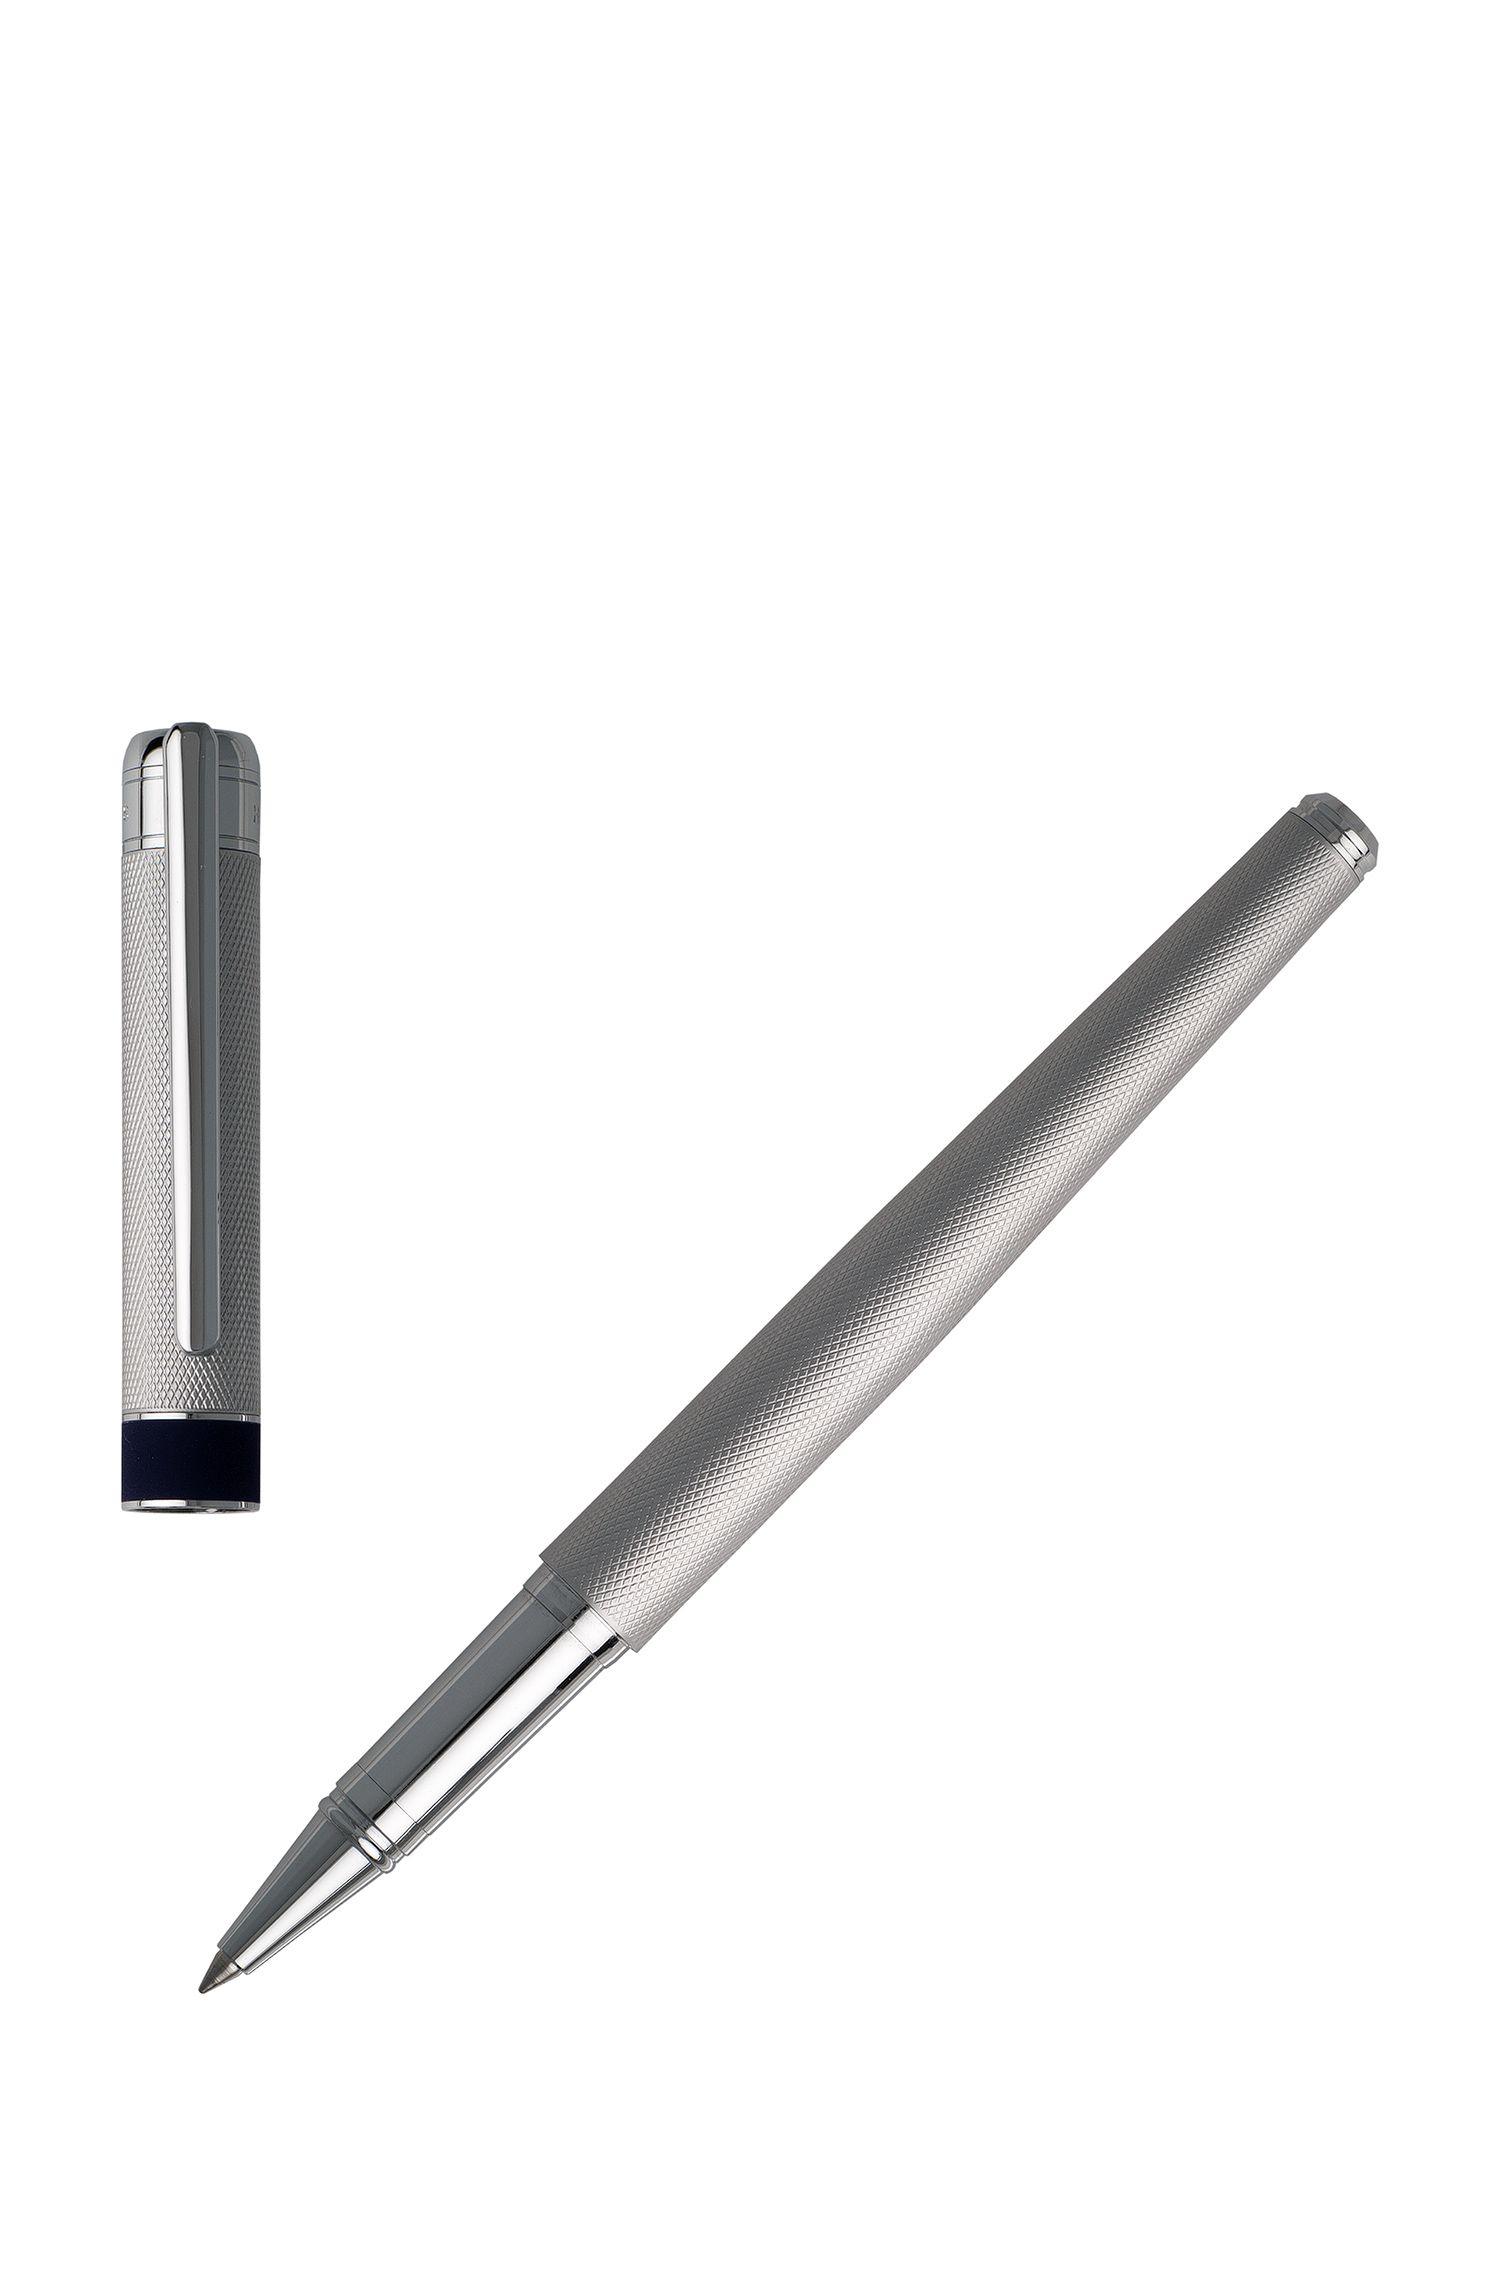 Penna a sfera metallizzata lavorata con anello centrale morbido al tatto, Argento